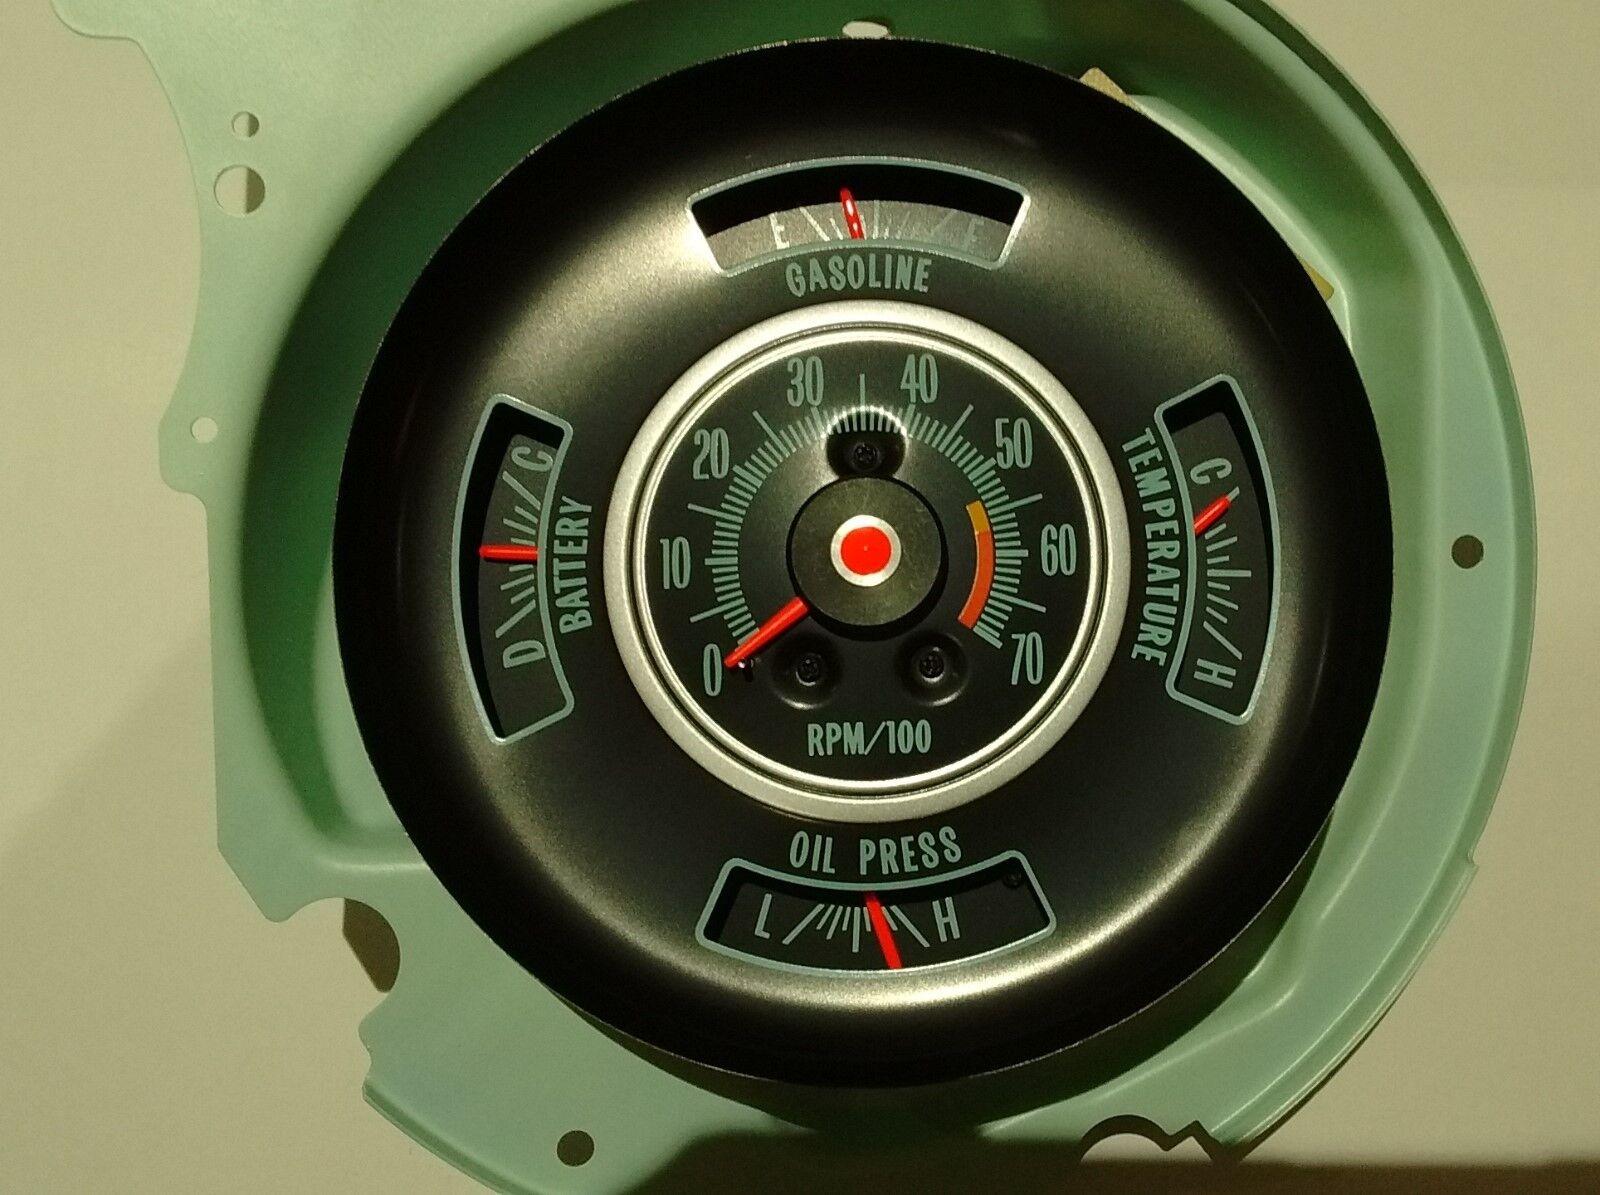 tachometer dash gauge 69 chevy chevelle bu el camino 5700 tachometer dash gauge 69 chevy chevelle bu el camino 5700 rpm tach gauges 3 3 of 4